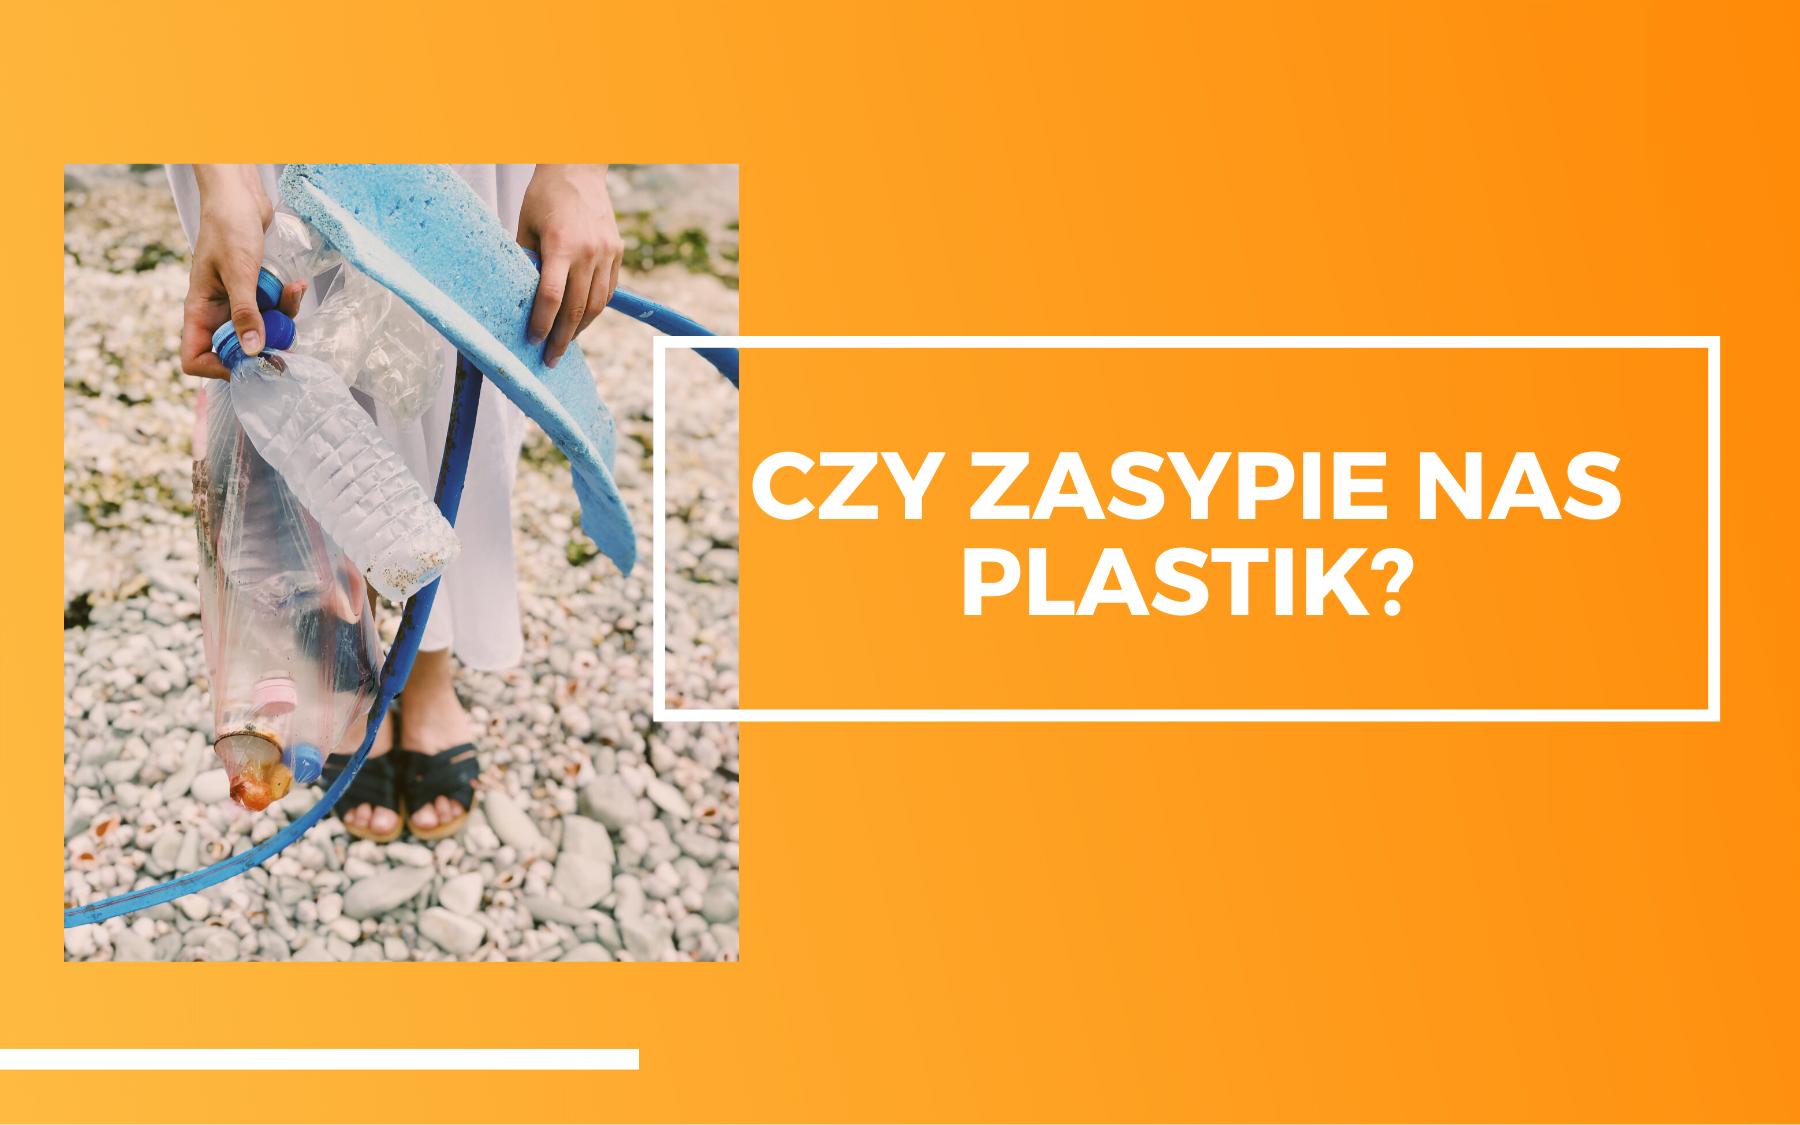 Kobieta na plaży trzymająca różne plastikowe śmieci. Obok na pomarańczowym tle napis - czy zasypie nas plastik?